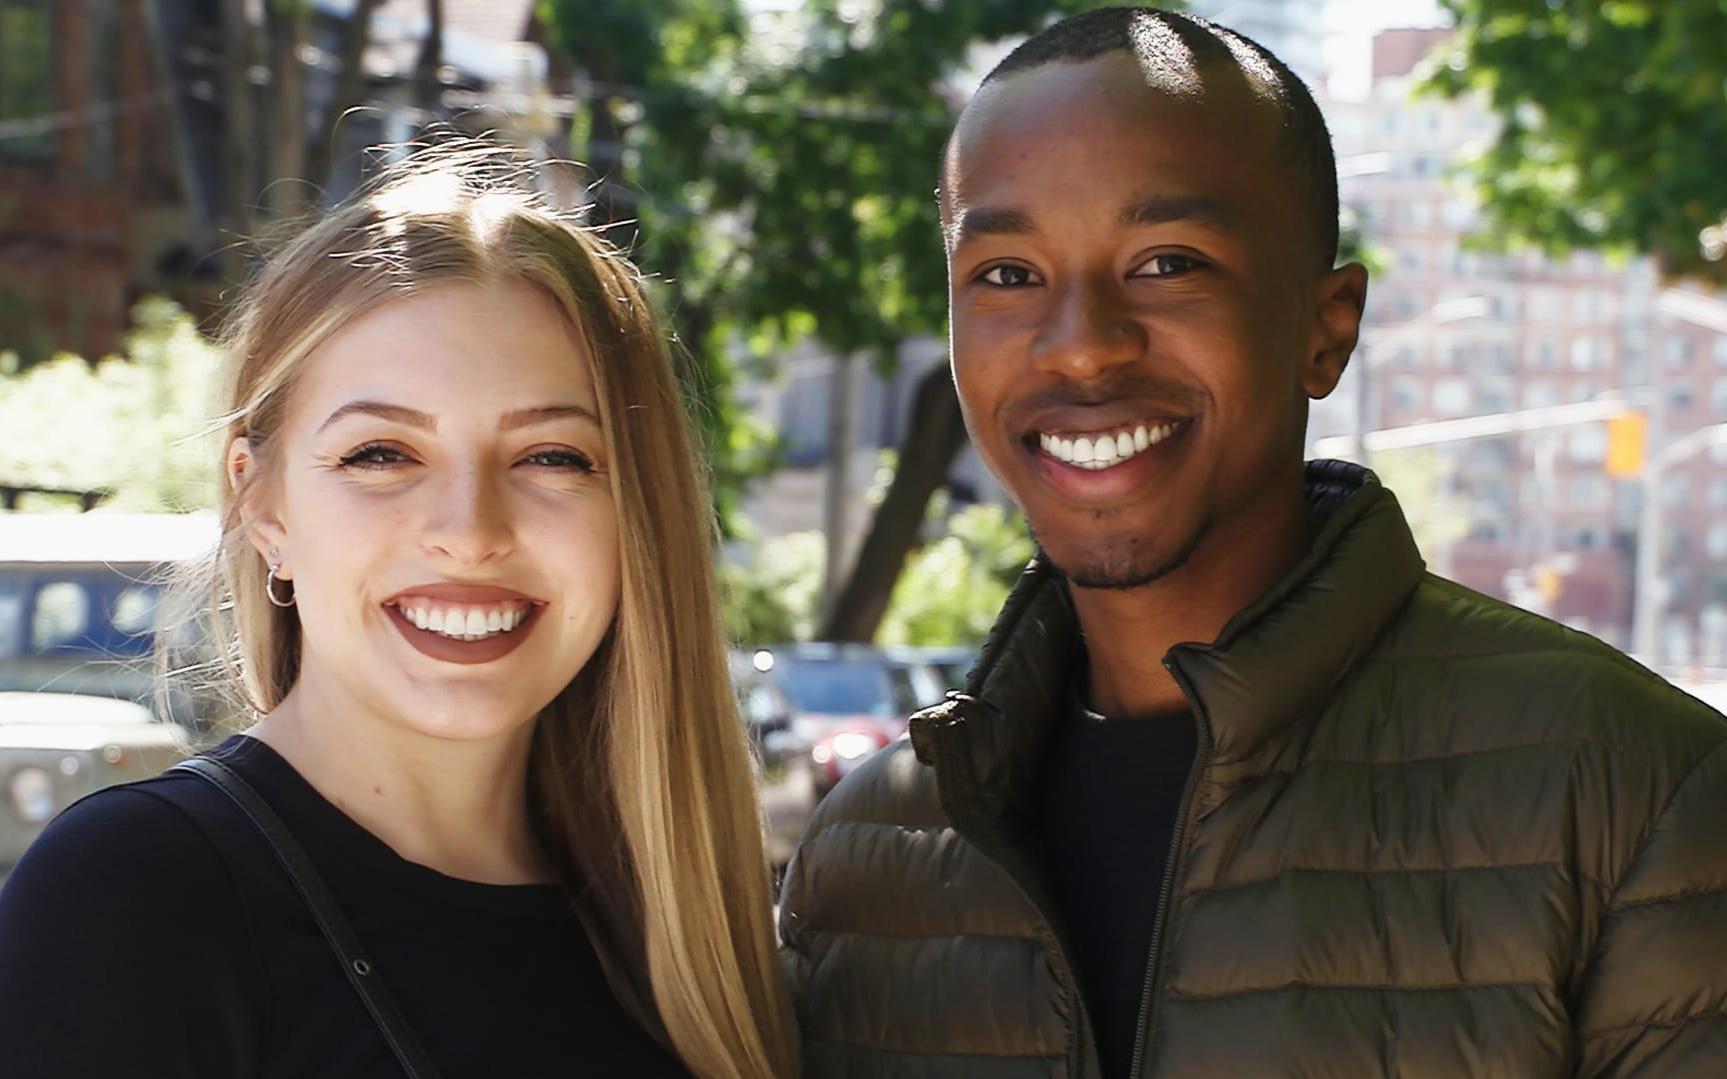 Cặp đôi trẻ chưa kết hôn, thu nhập tổng 4.500 USD mỗi tháng, vẫn để lại tiết kiệm được 2.300 USD